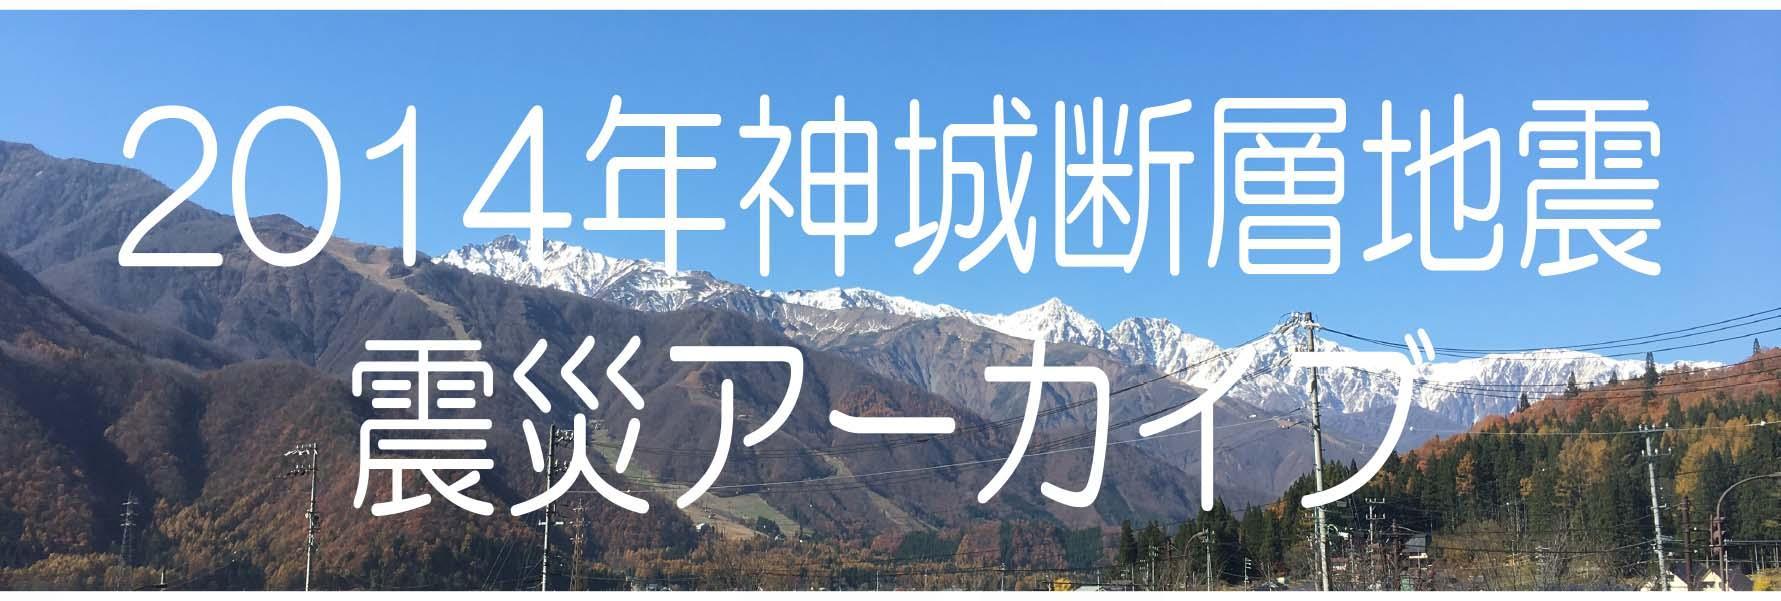 災害アーカイブ トップページ 画像 バナー用.jpg